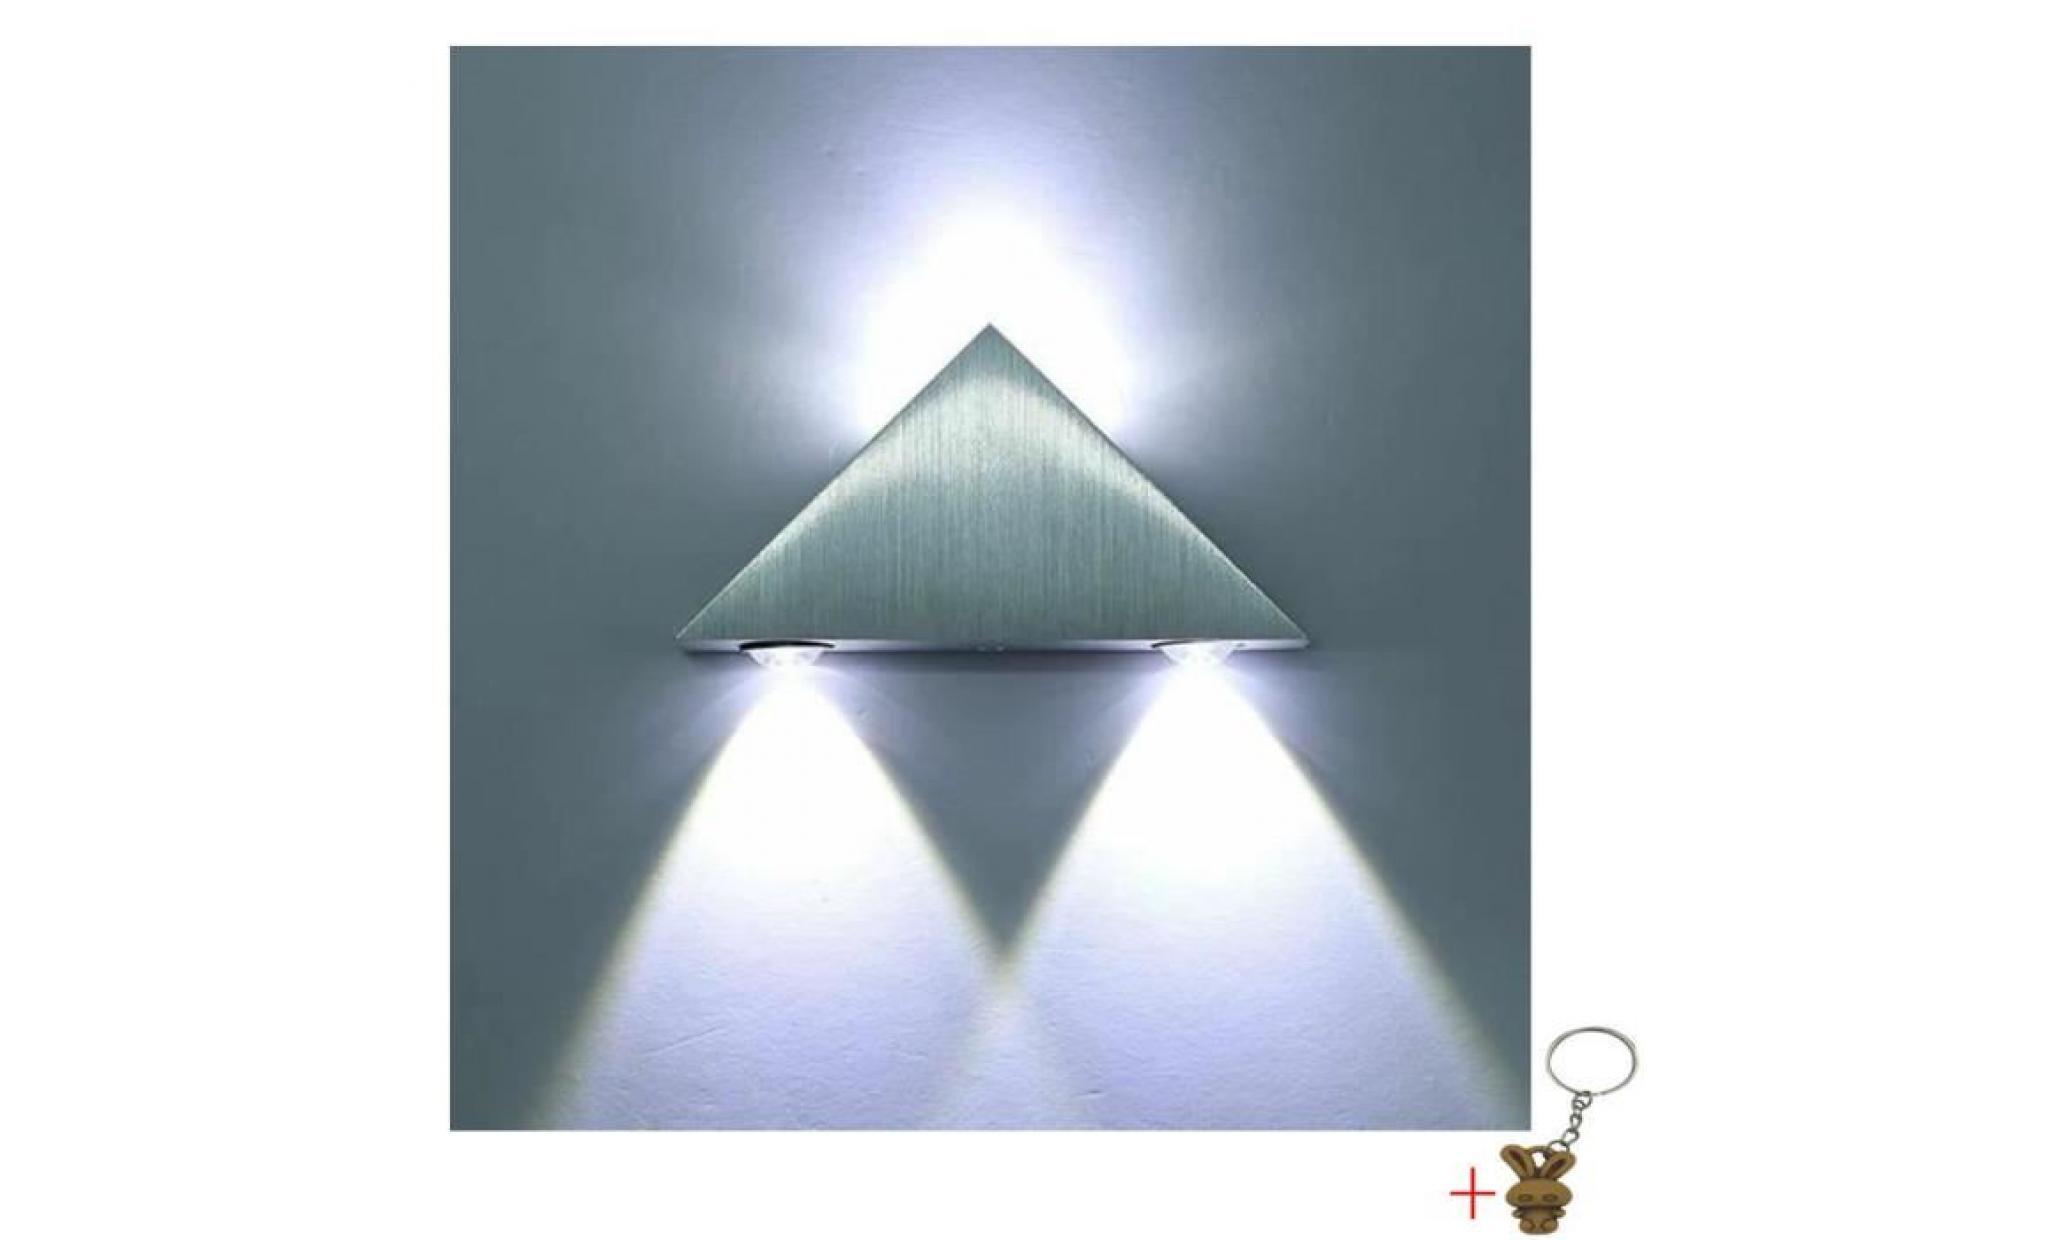 Applique murale interieur led lampe de mur lampe led triangle